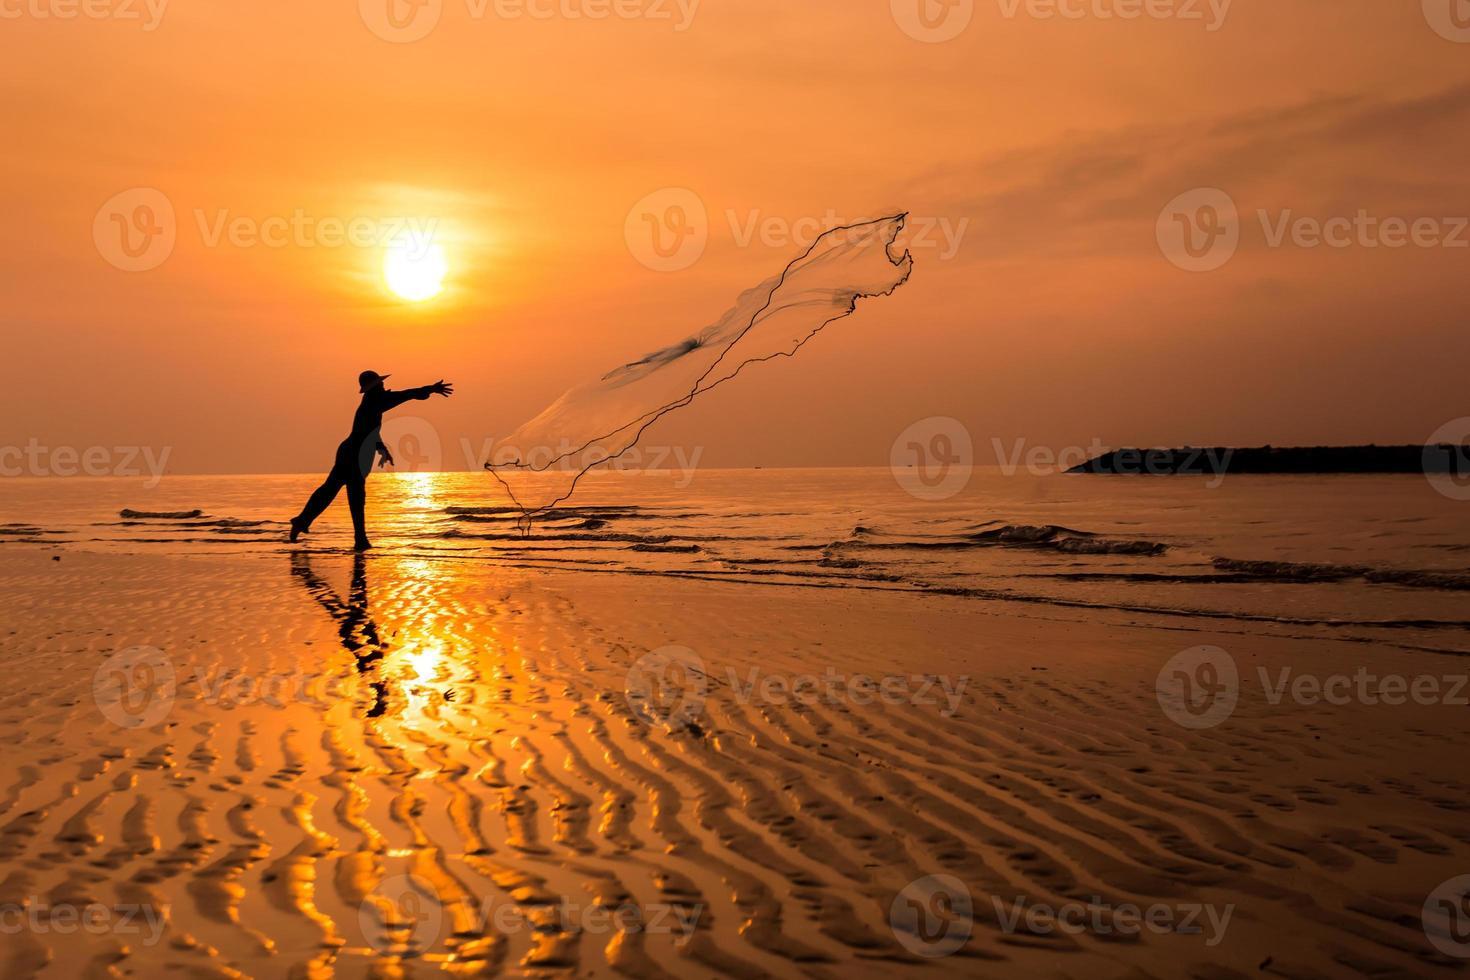 Fisherman throwing net at sunset. photo